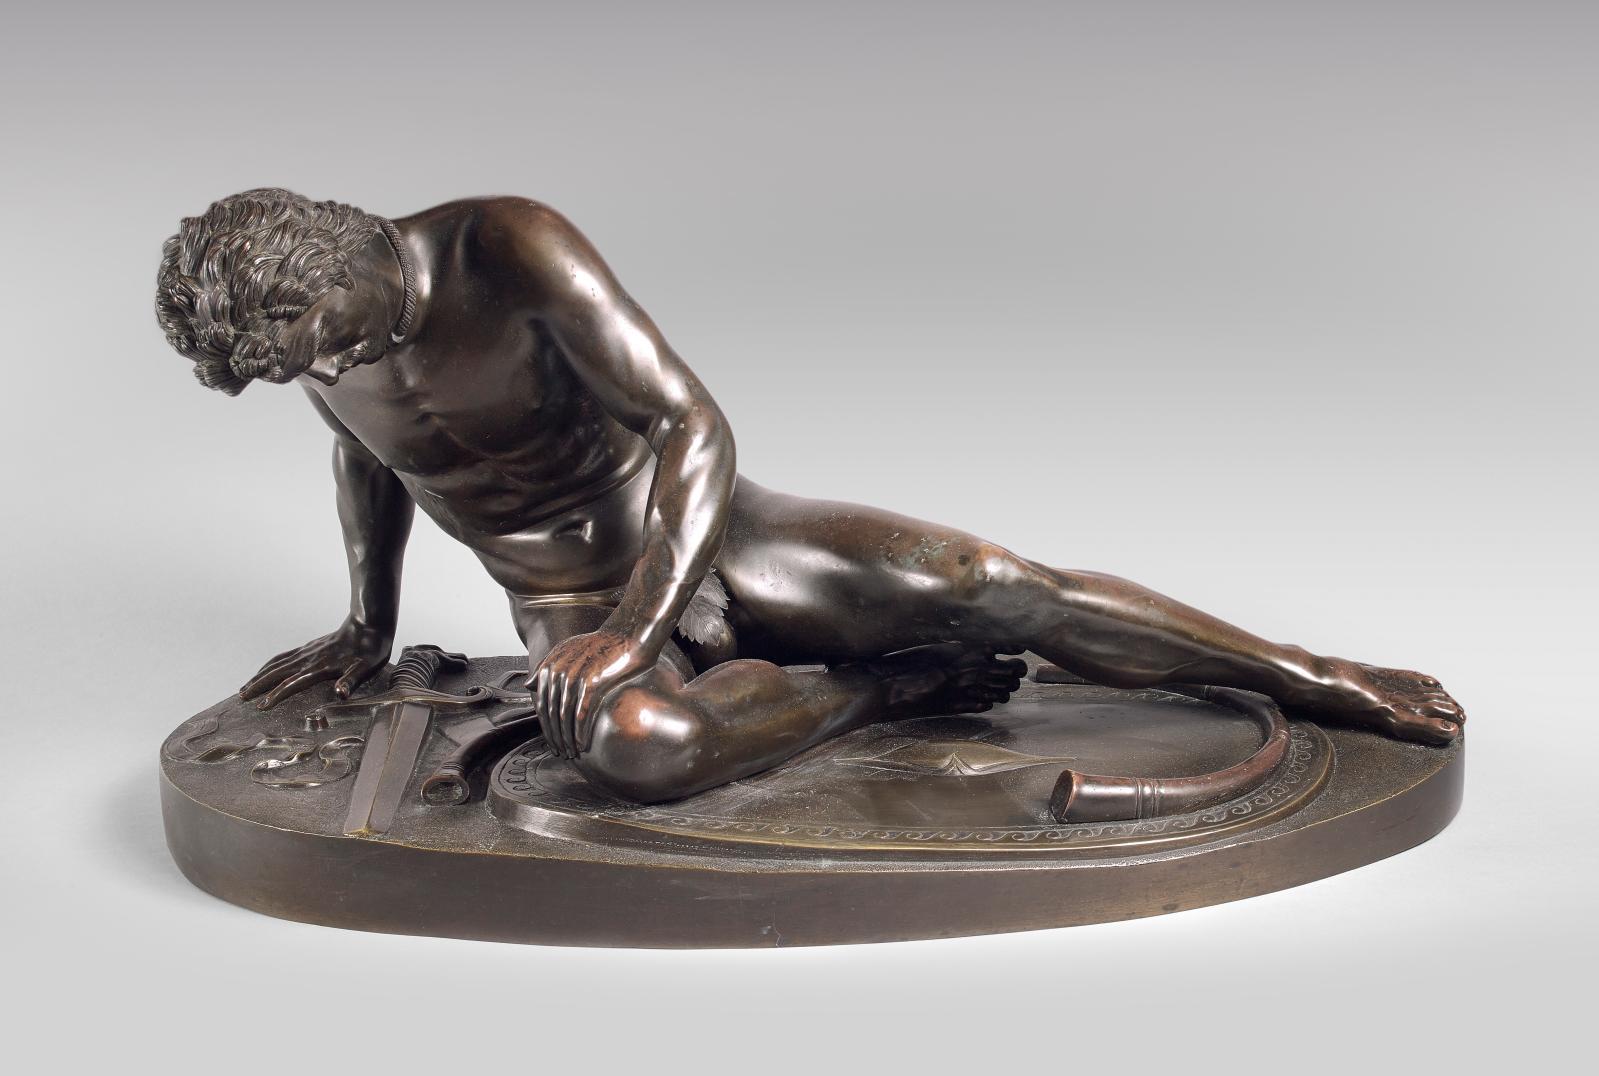 D'après Metello Amadio (1884-?), Gladiateur à terre, épreuve en bronze à patine brune, 35x68x33cm (détail).Paris, Drouot, 24 juin 2015. Drouot-Es